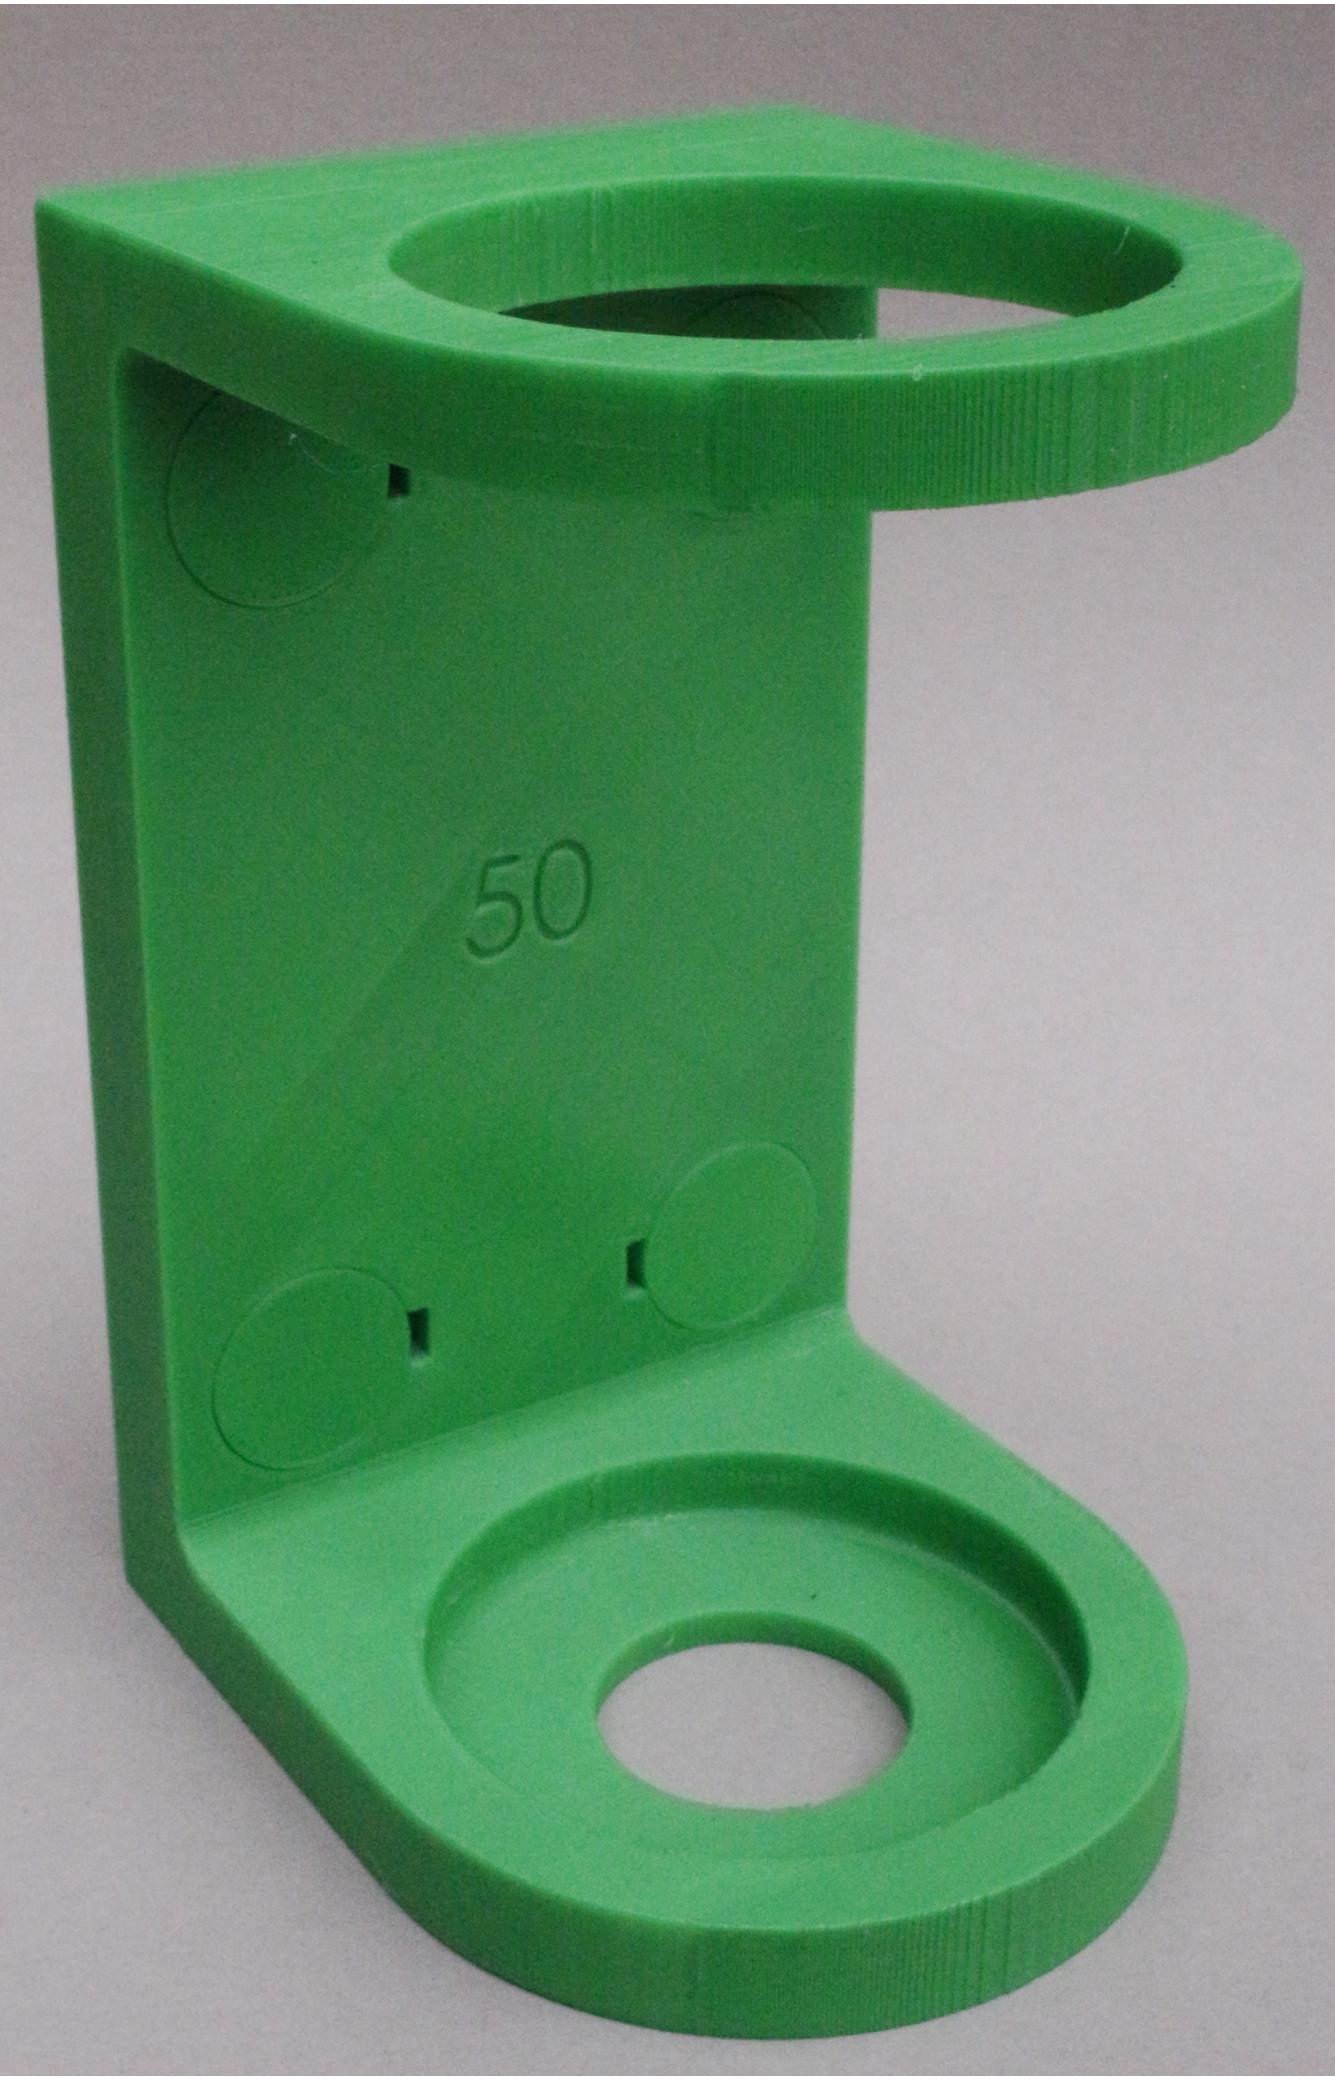 Jagd Halter für den Waffenschrank Schalldämpfer 55mm Magnet Halterung